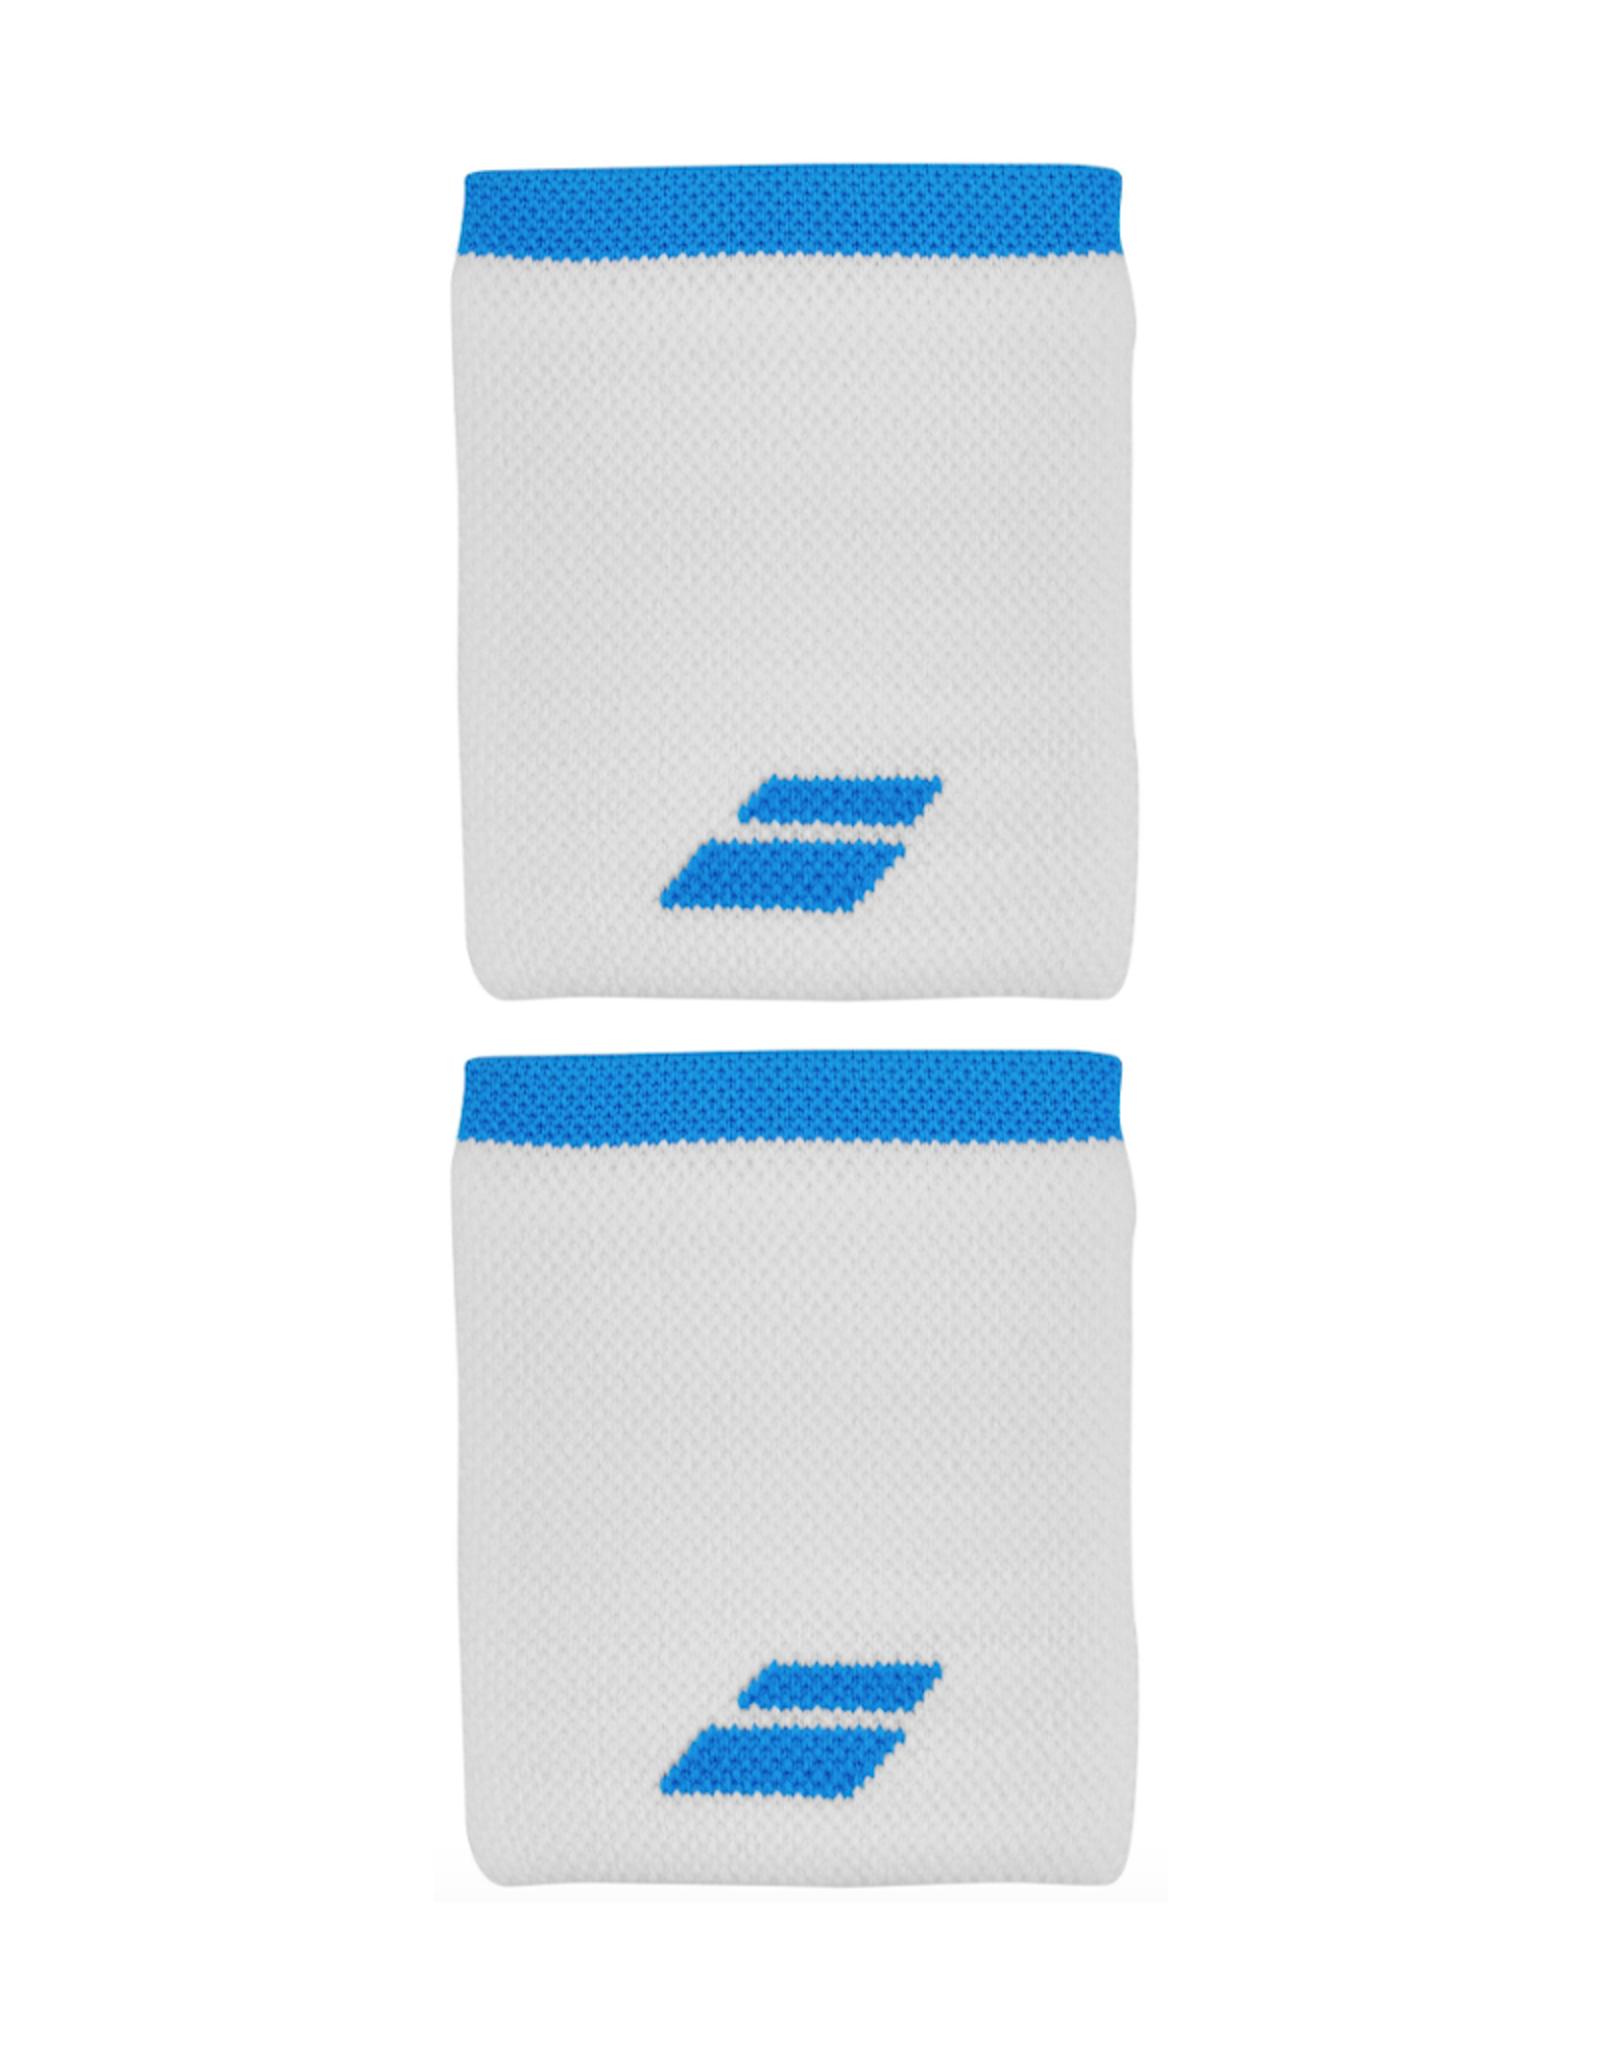 BABOLAT BABOLAT LOGO WRISTBAND WHITE/BLUE